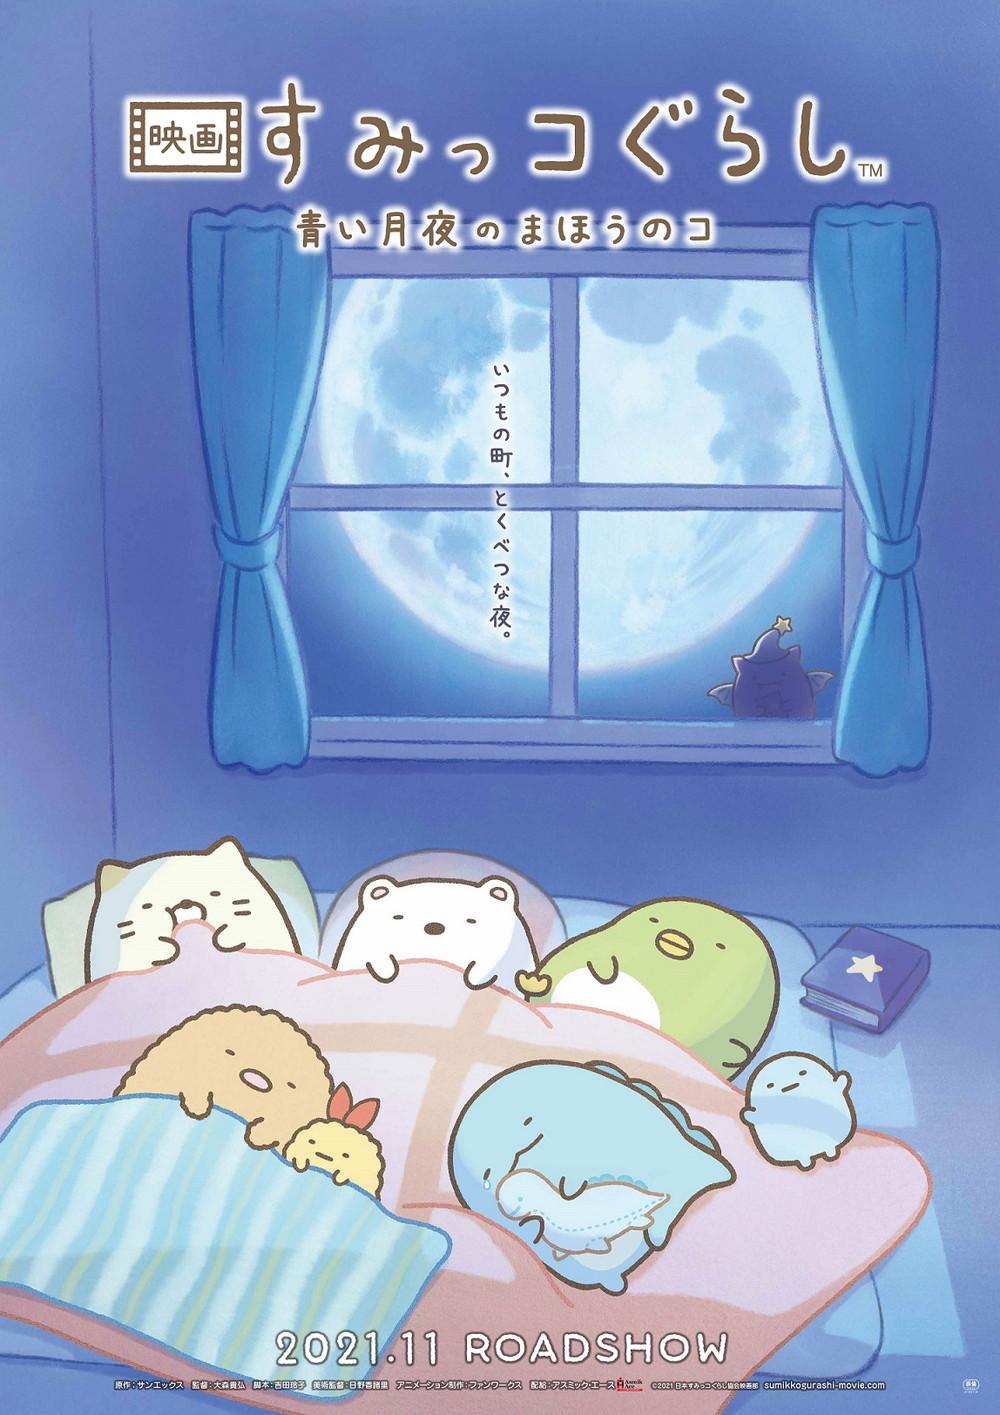 『すみっコぐらし-青い月夜のまほうのコ』ティザービジュアル